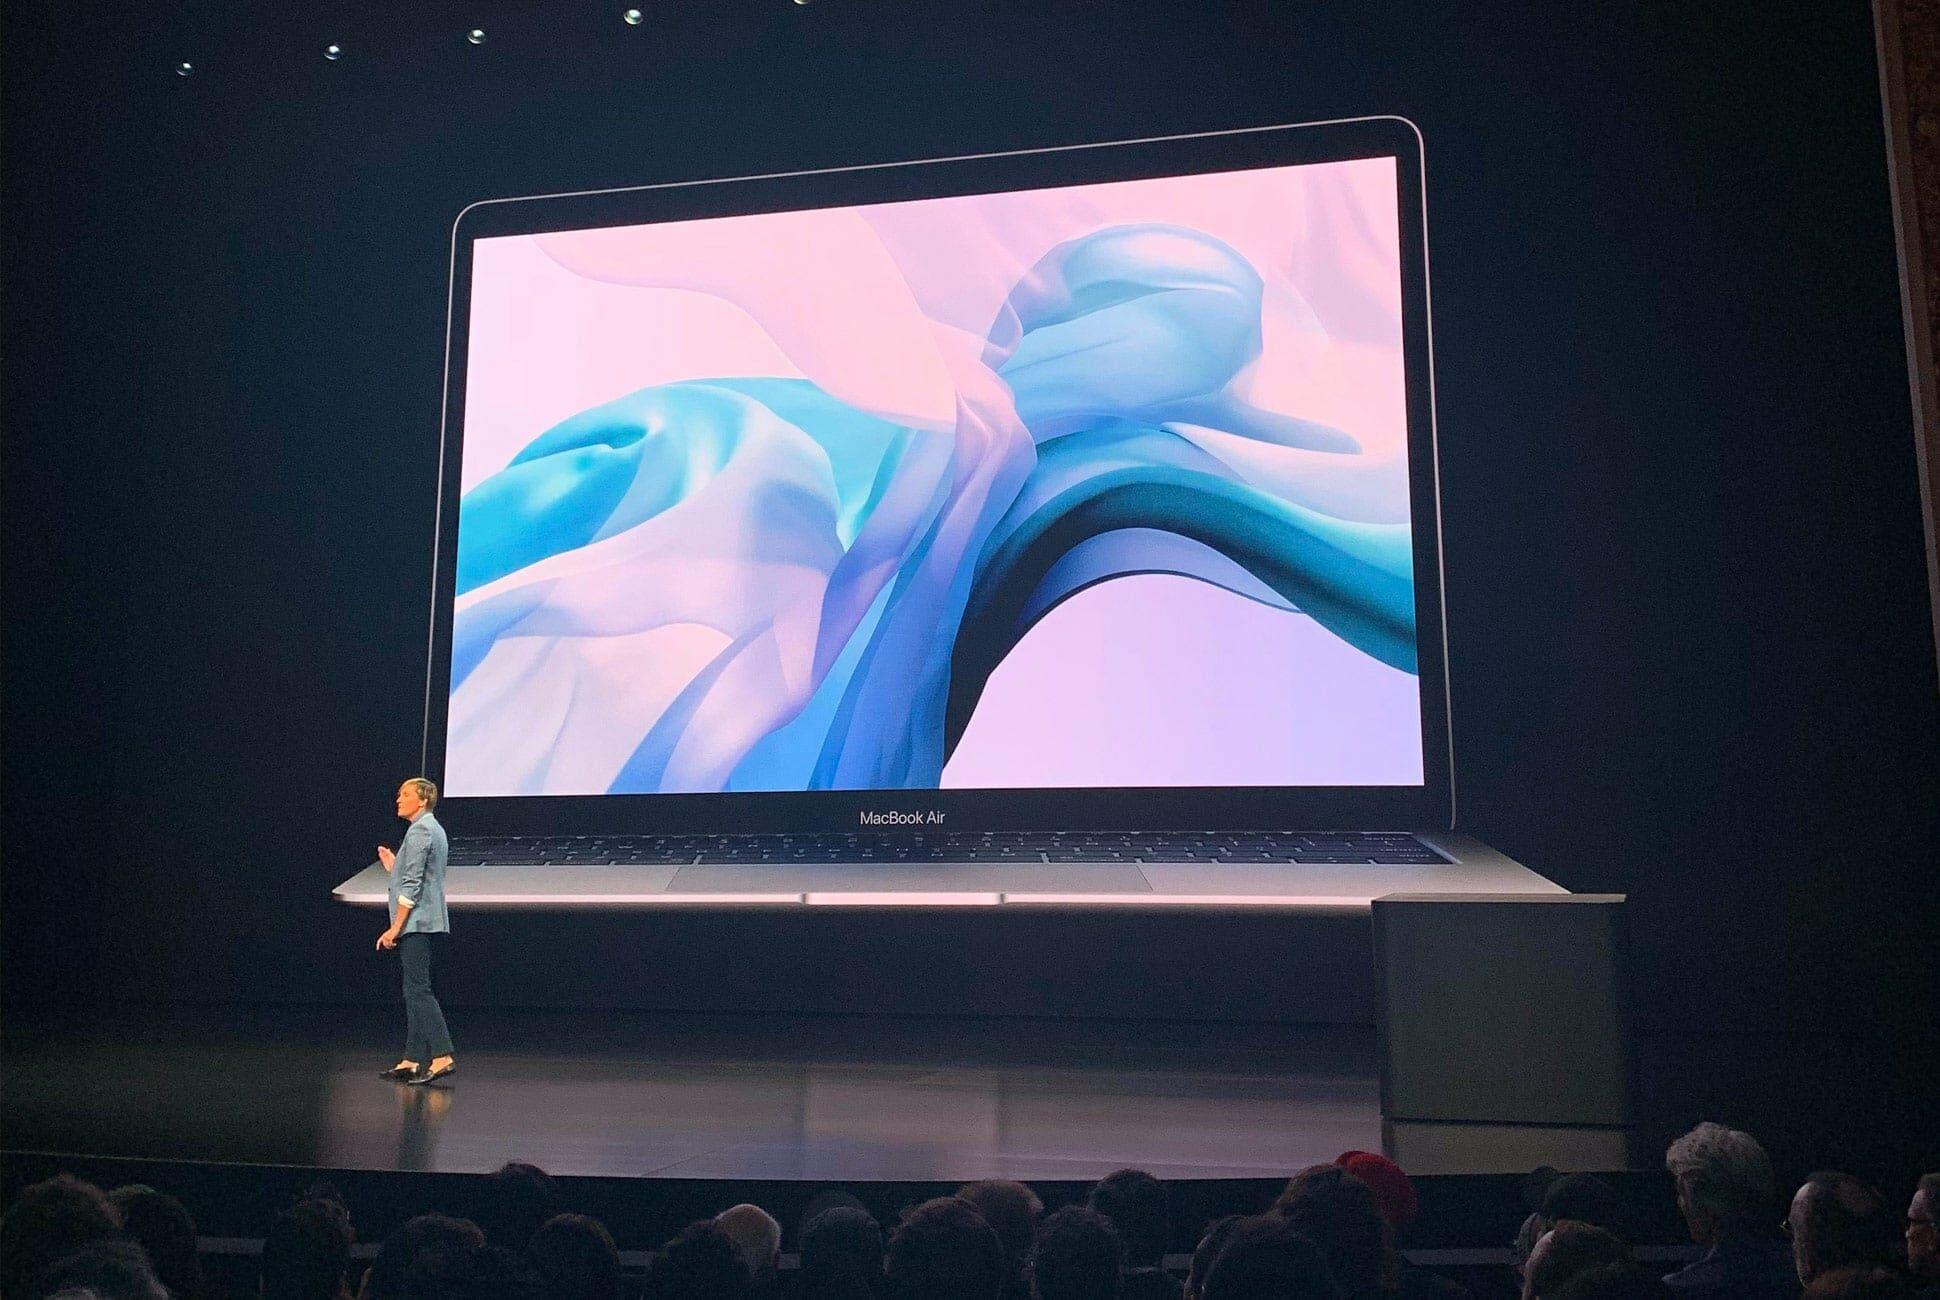 Apple-Event-NYC-2018-MacBook-Air-gear-patrol-slide-5